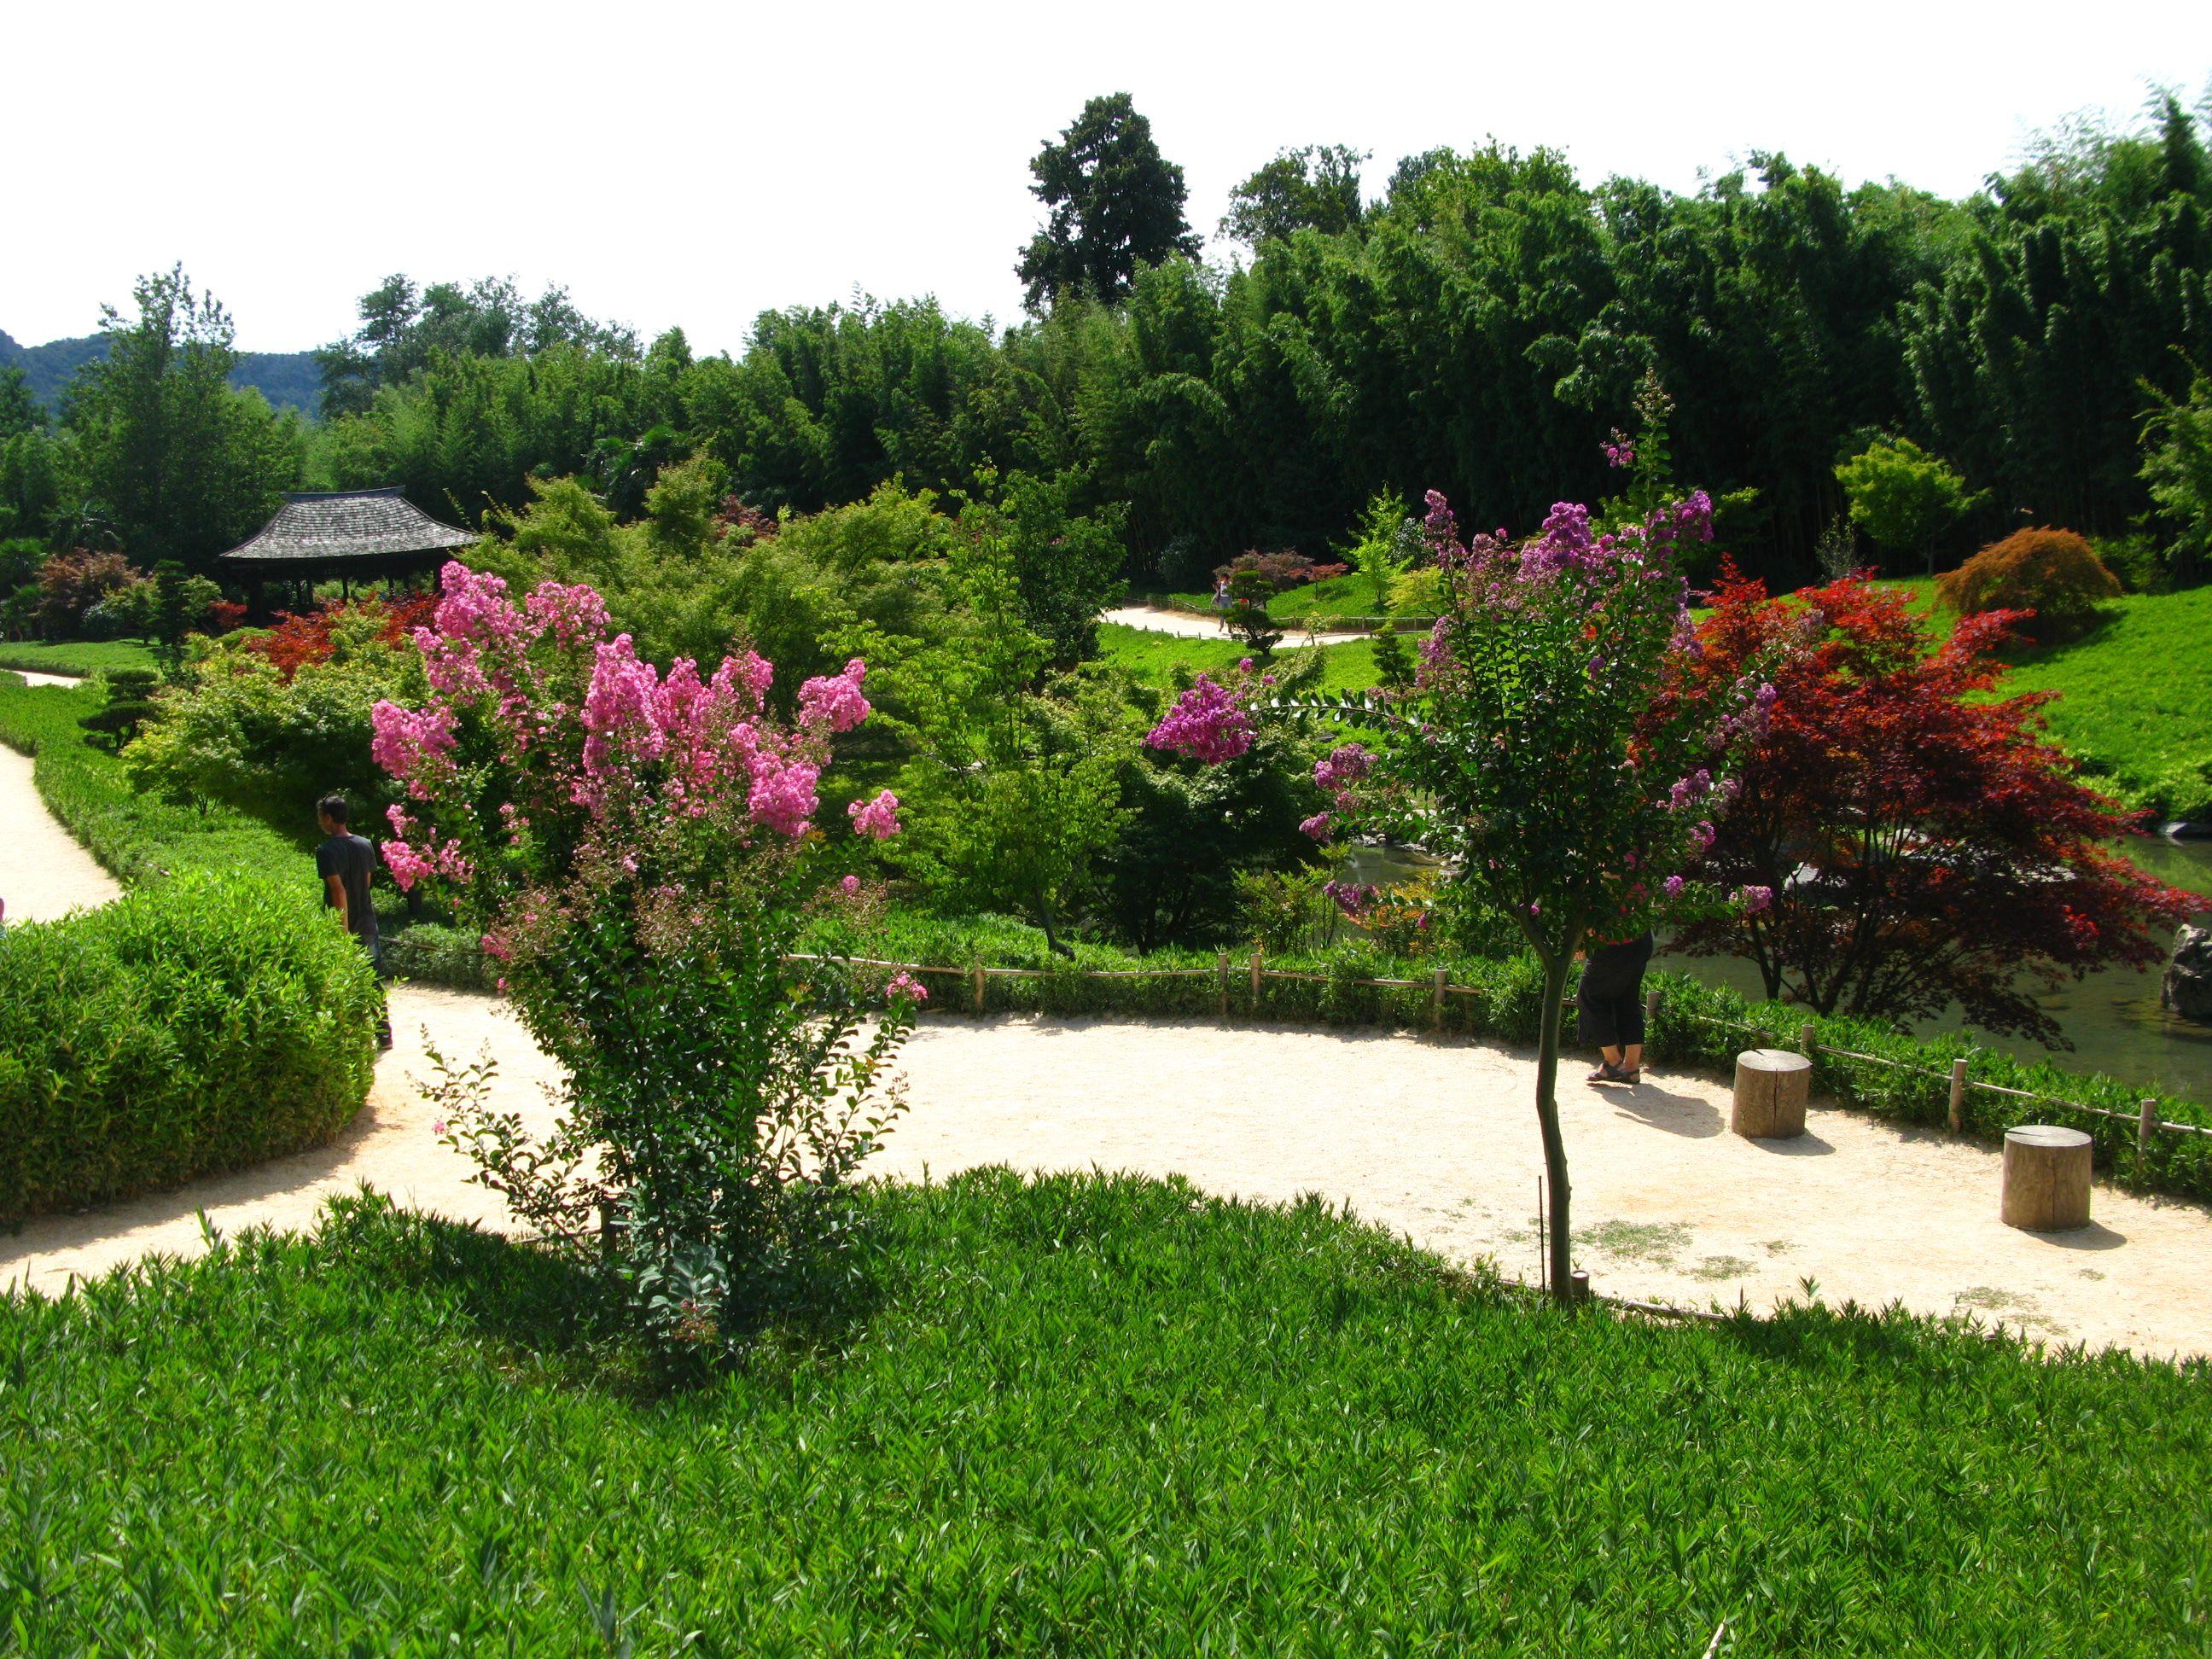 Le jardin japonais bambouseraie d 39 anduze pinterest for Pin jardin japonais